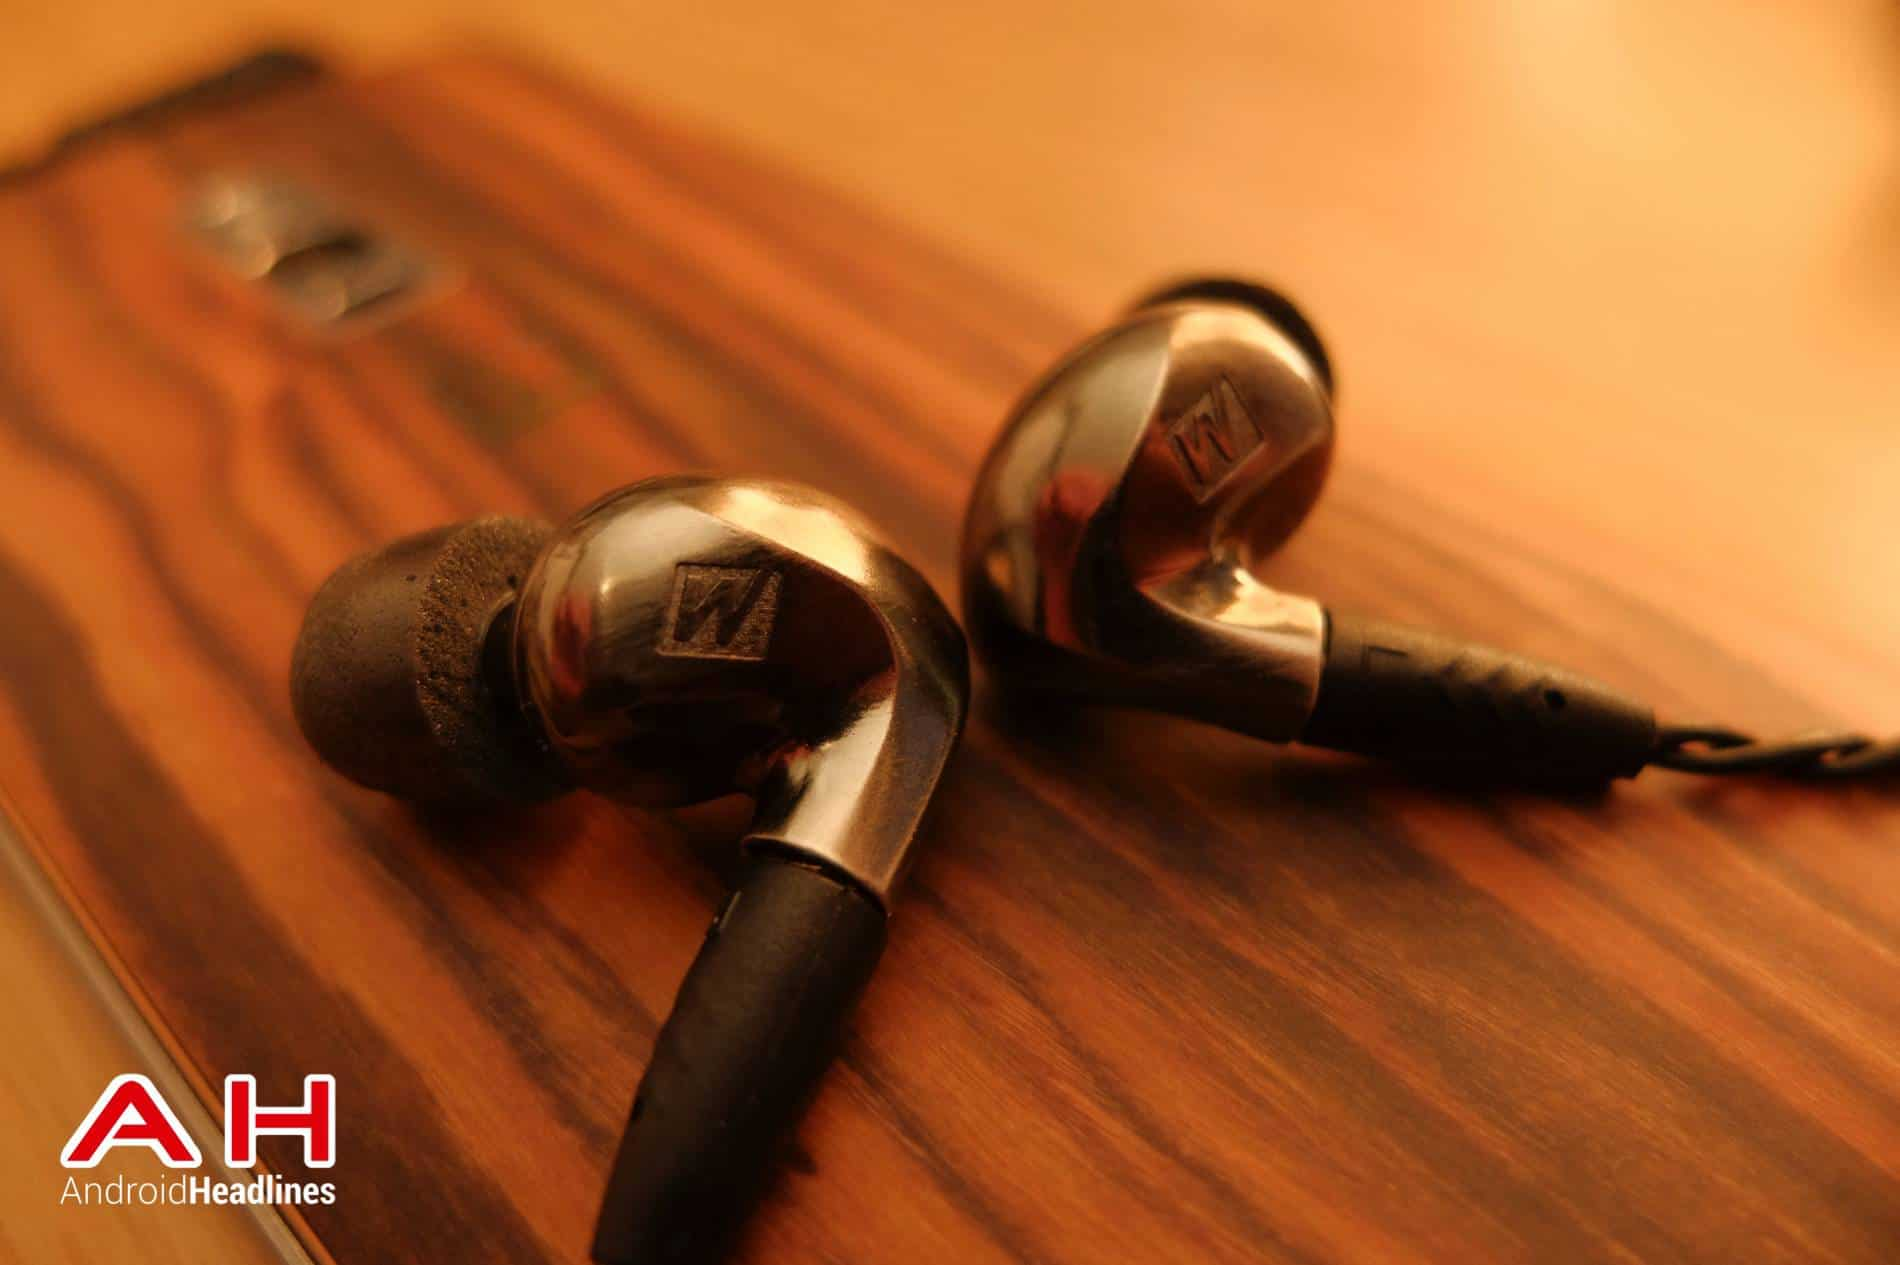 MEE Audio Pinnacle P1 AH 1